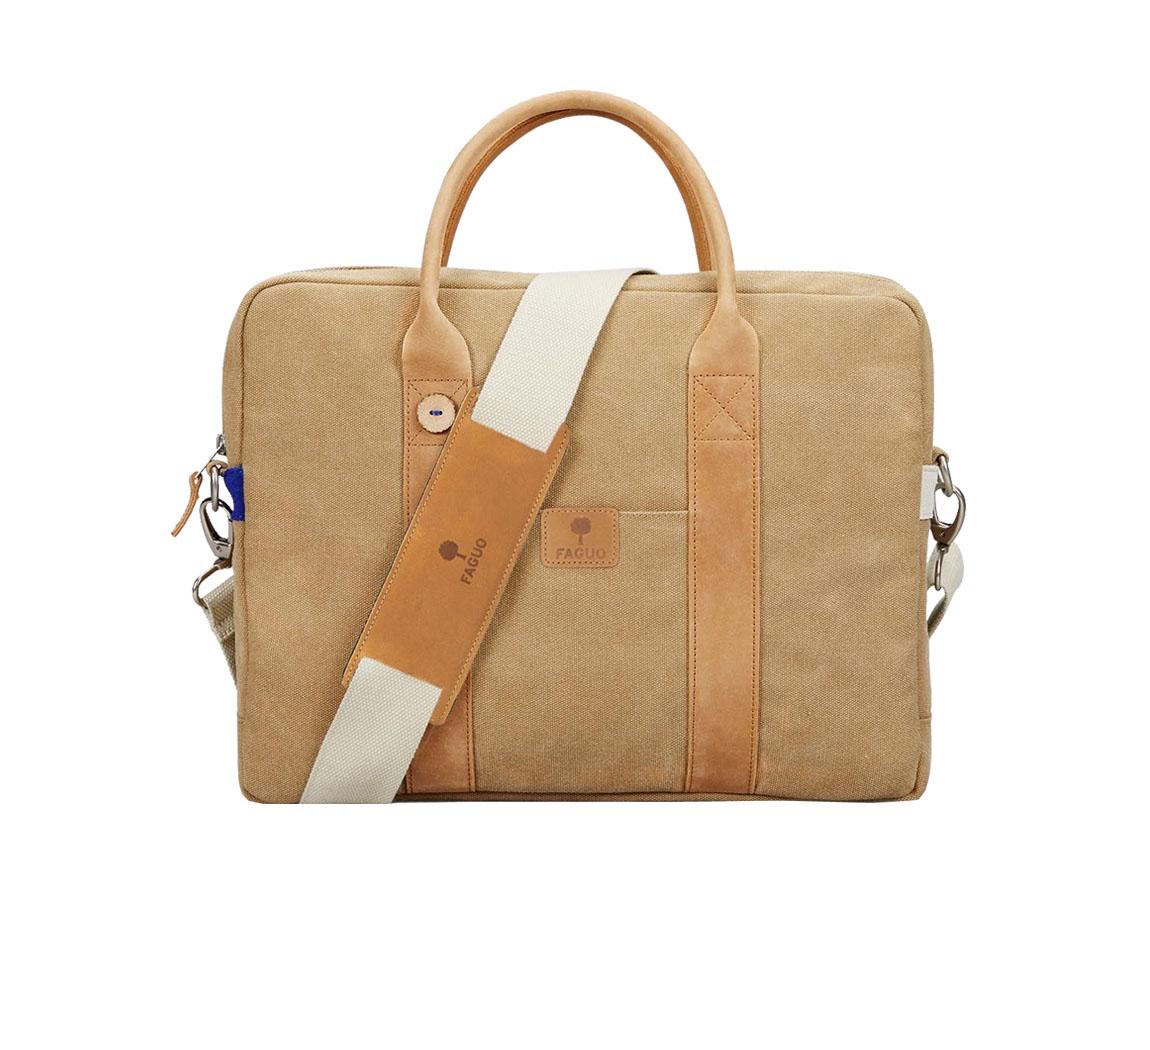 Sac business Laptop Bag